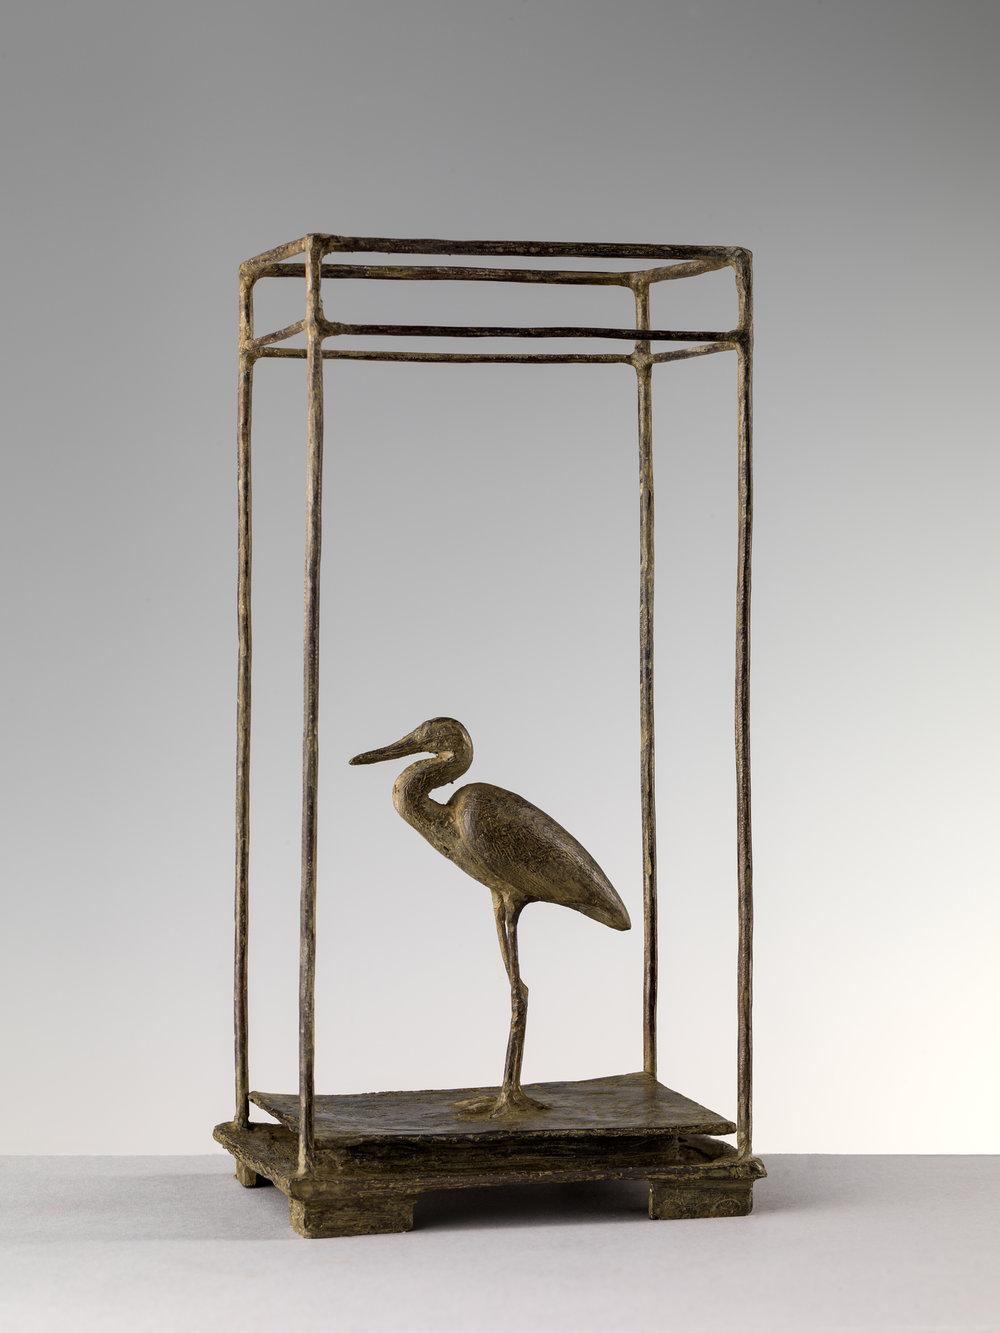 21. Heron, 'Airone' by Nicola Lazzari 22cm H x 10cm W x 8cm D.jpg